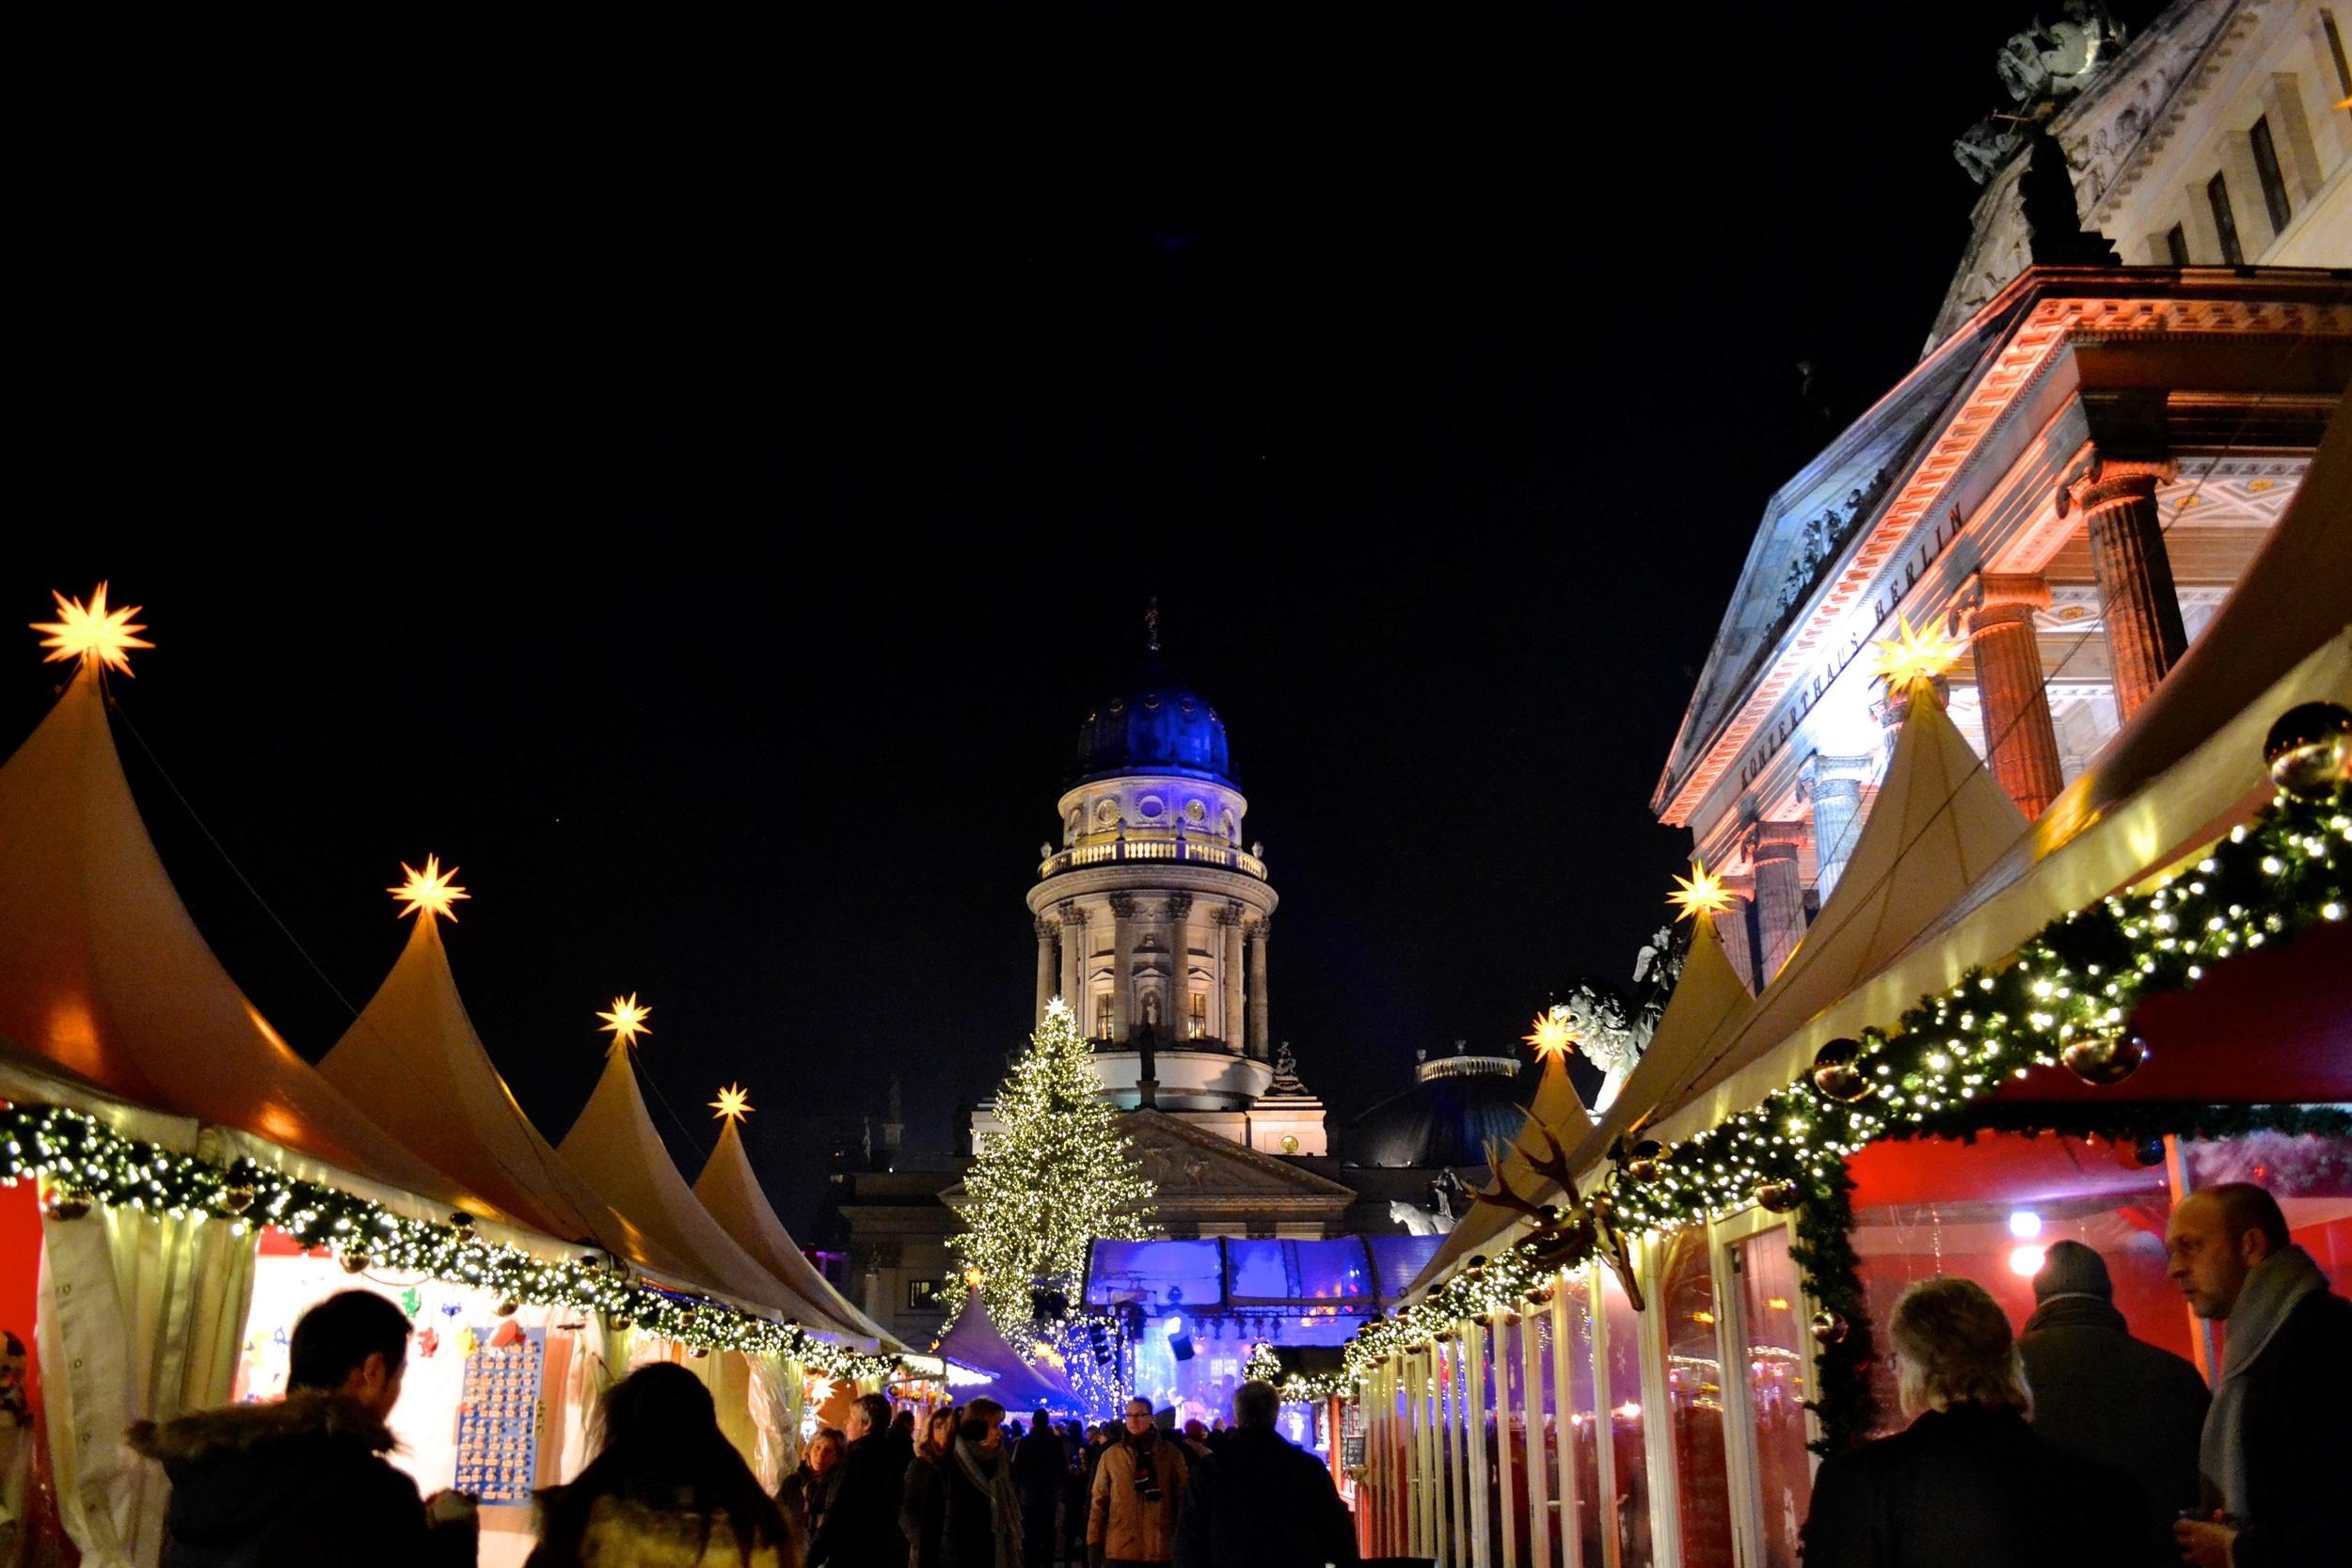 The Weihnachtsmarkt at the Gendarmenmarkt.